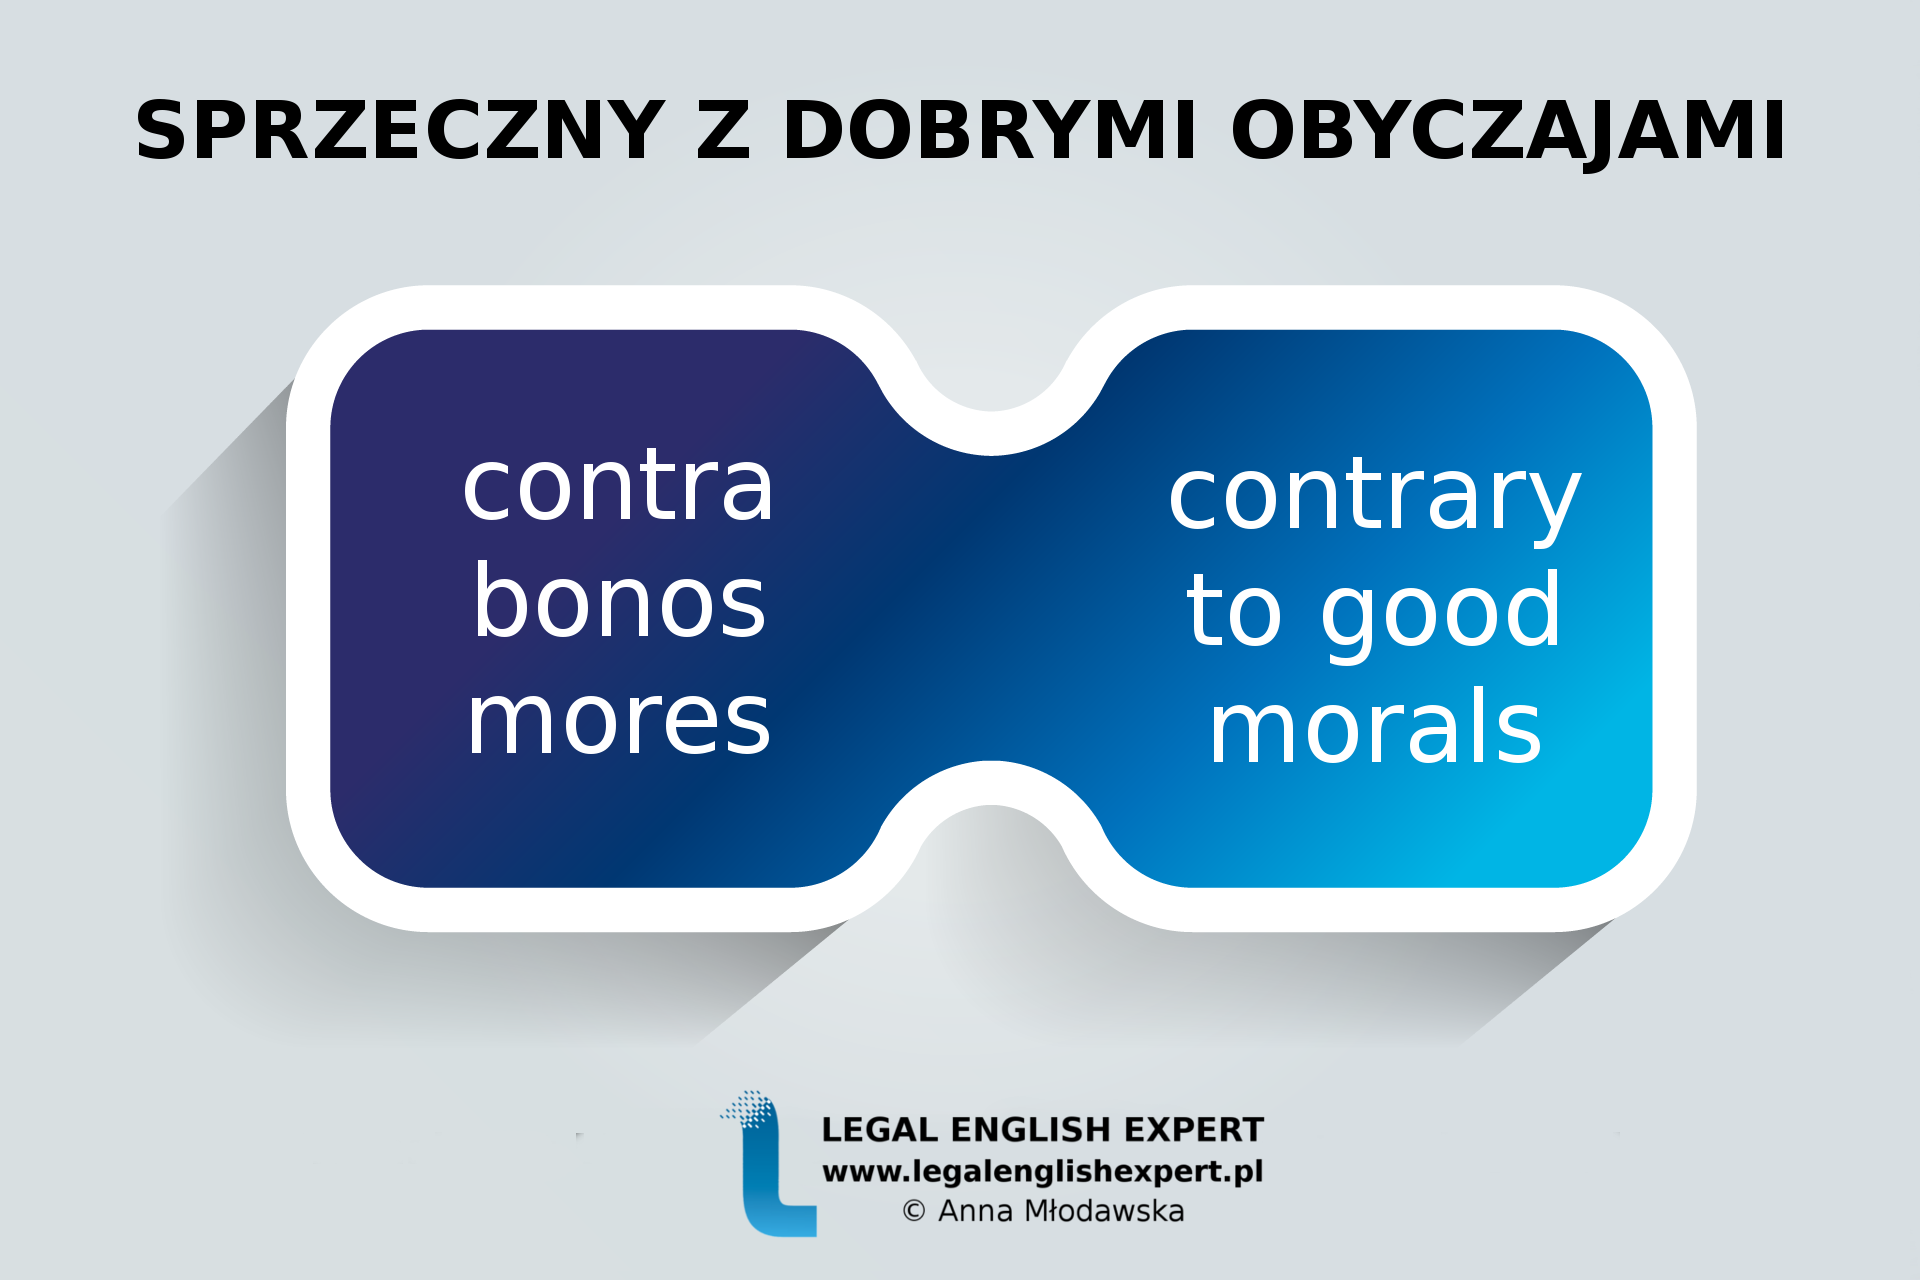 LEGAL-ENGLISH-EXPERT-grafika-71-SPRZECZNY-Z-DOBRYMI-OBYCZAJAMI